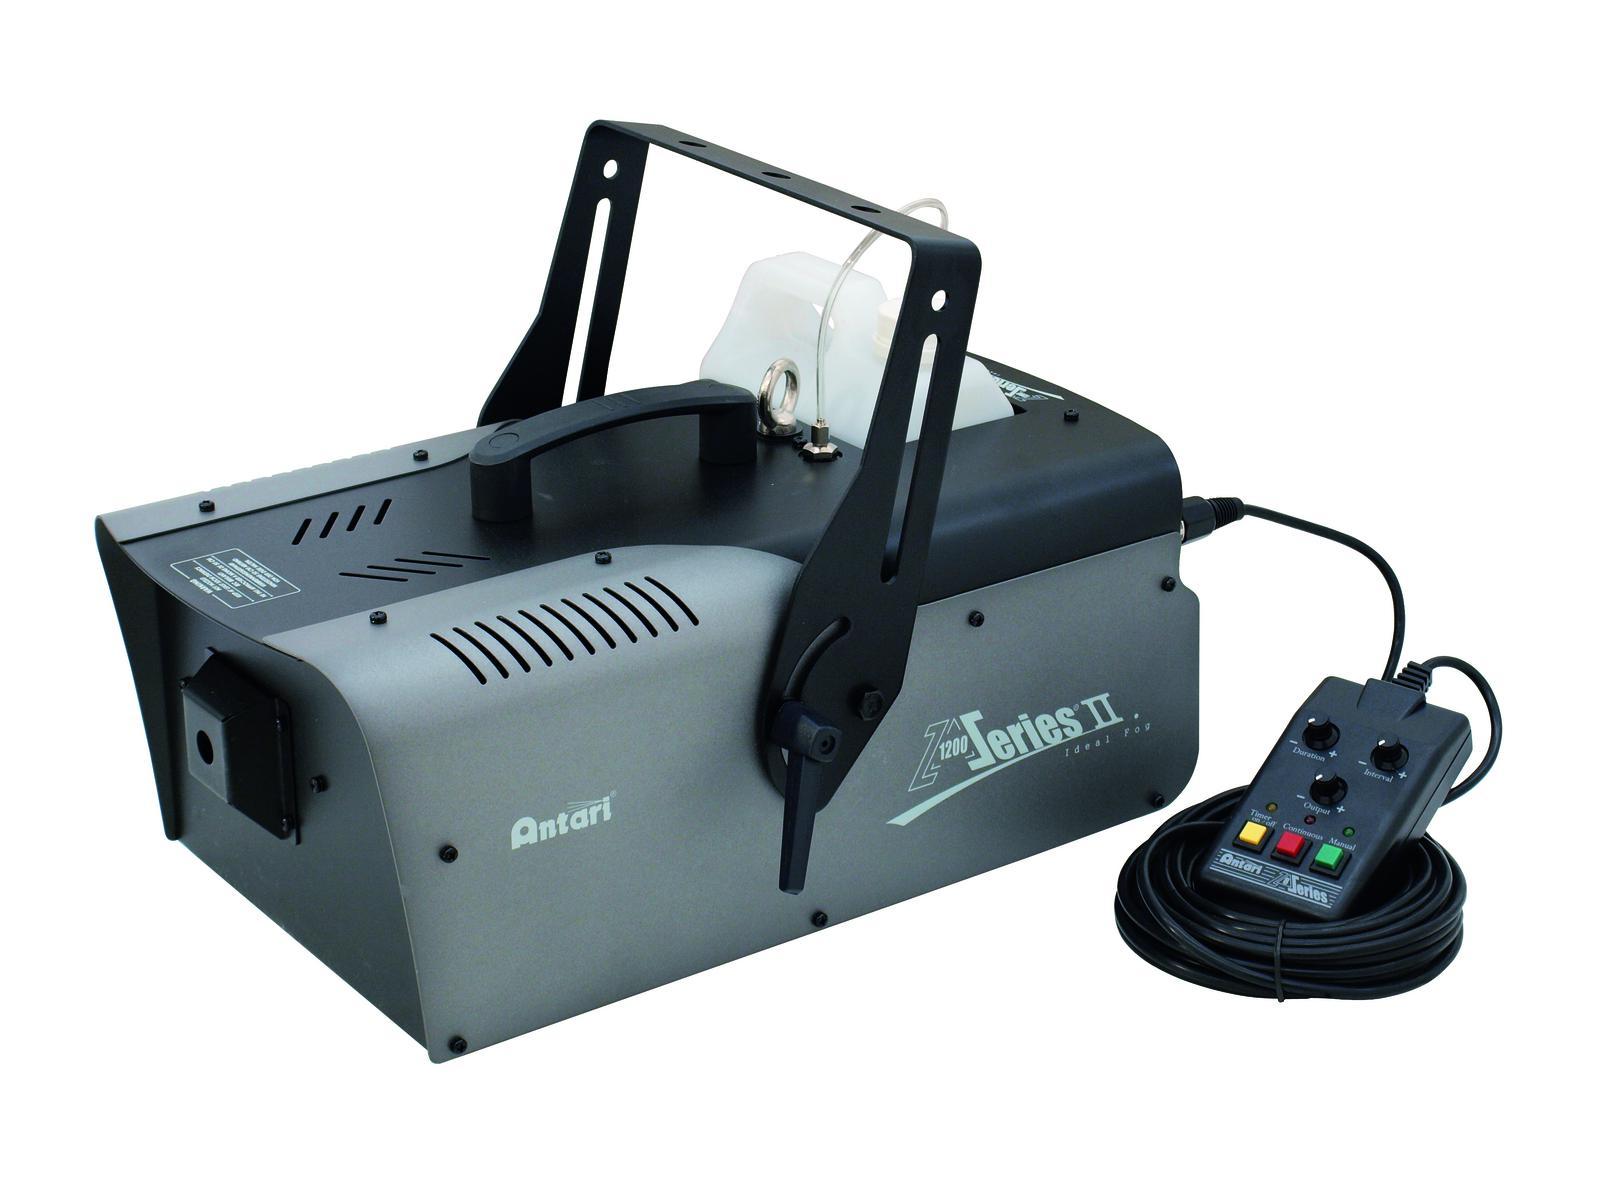 ANTARI Nebelmaschine Z-1200II mit DMX-Controller